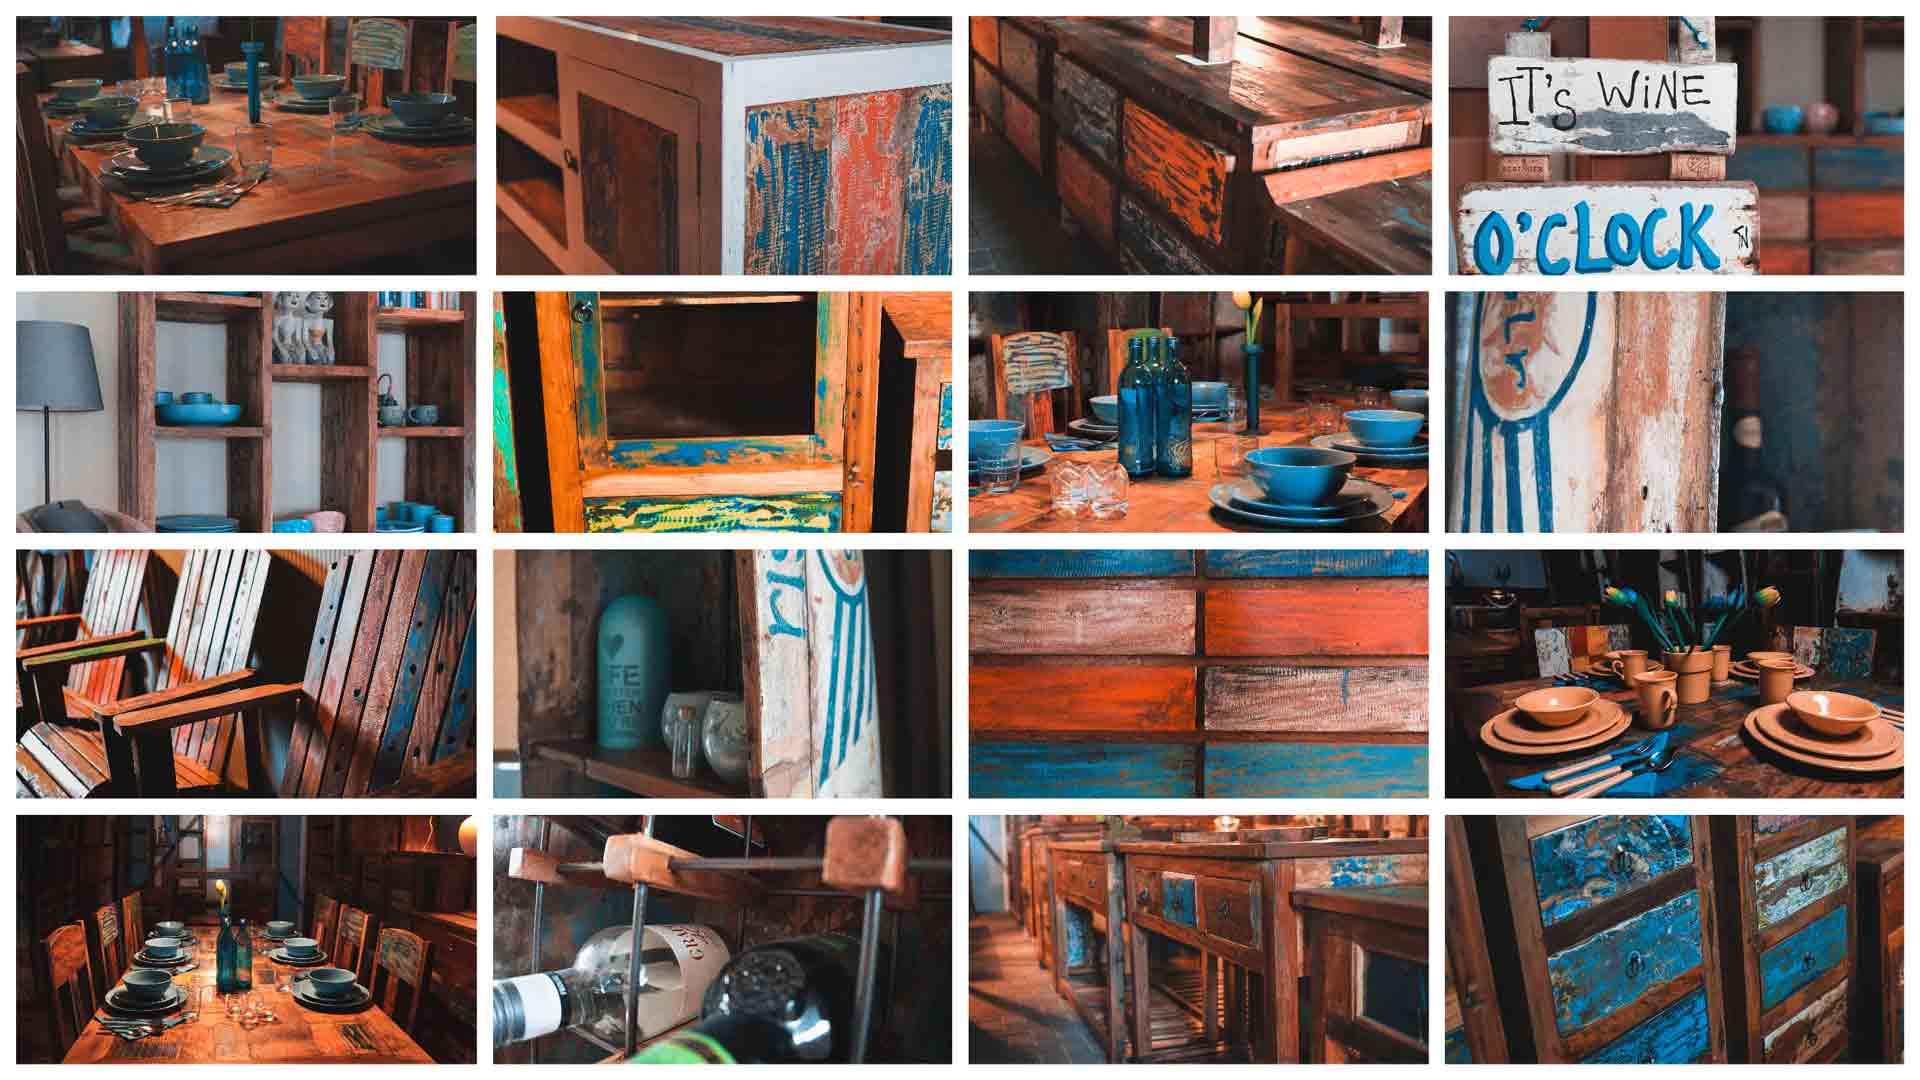 bedrijfsfotografie boatwood